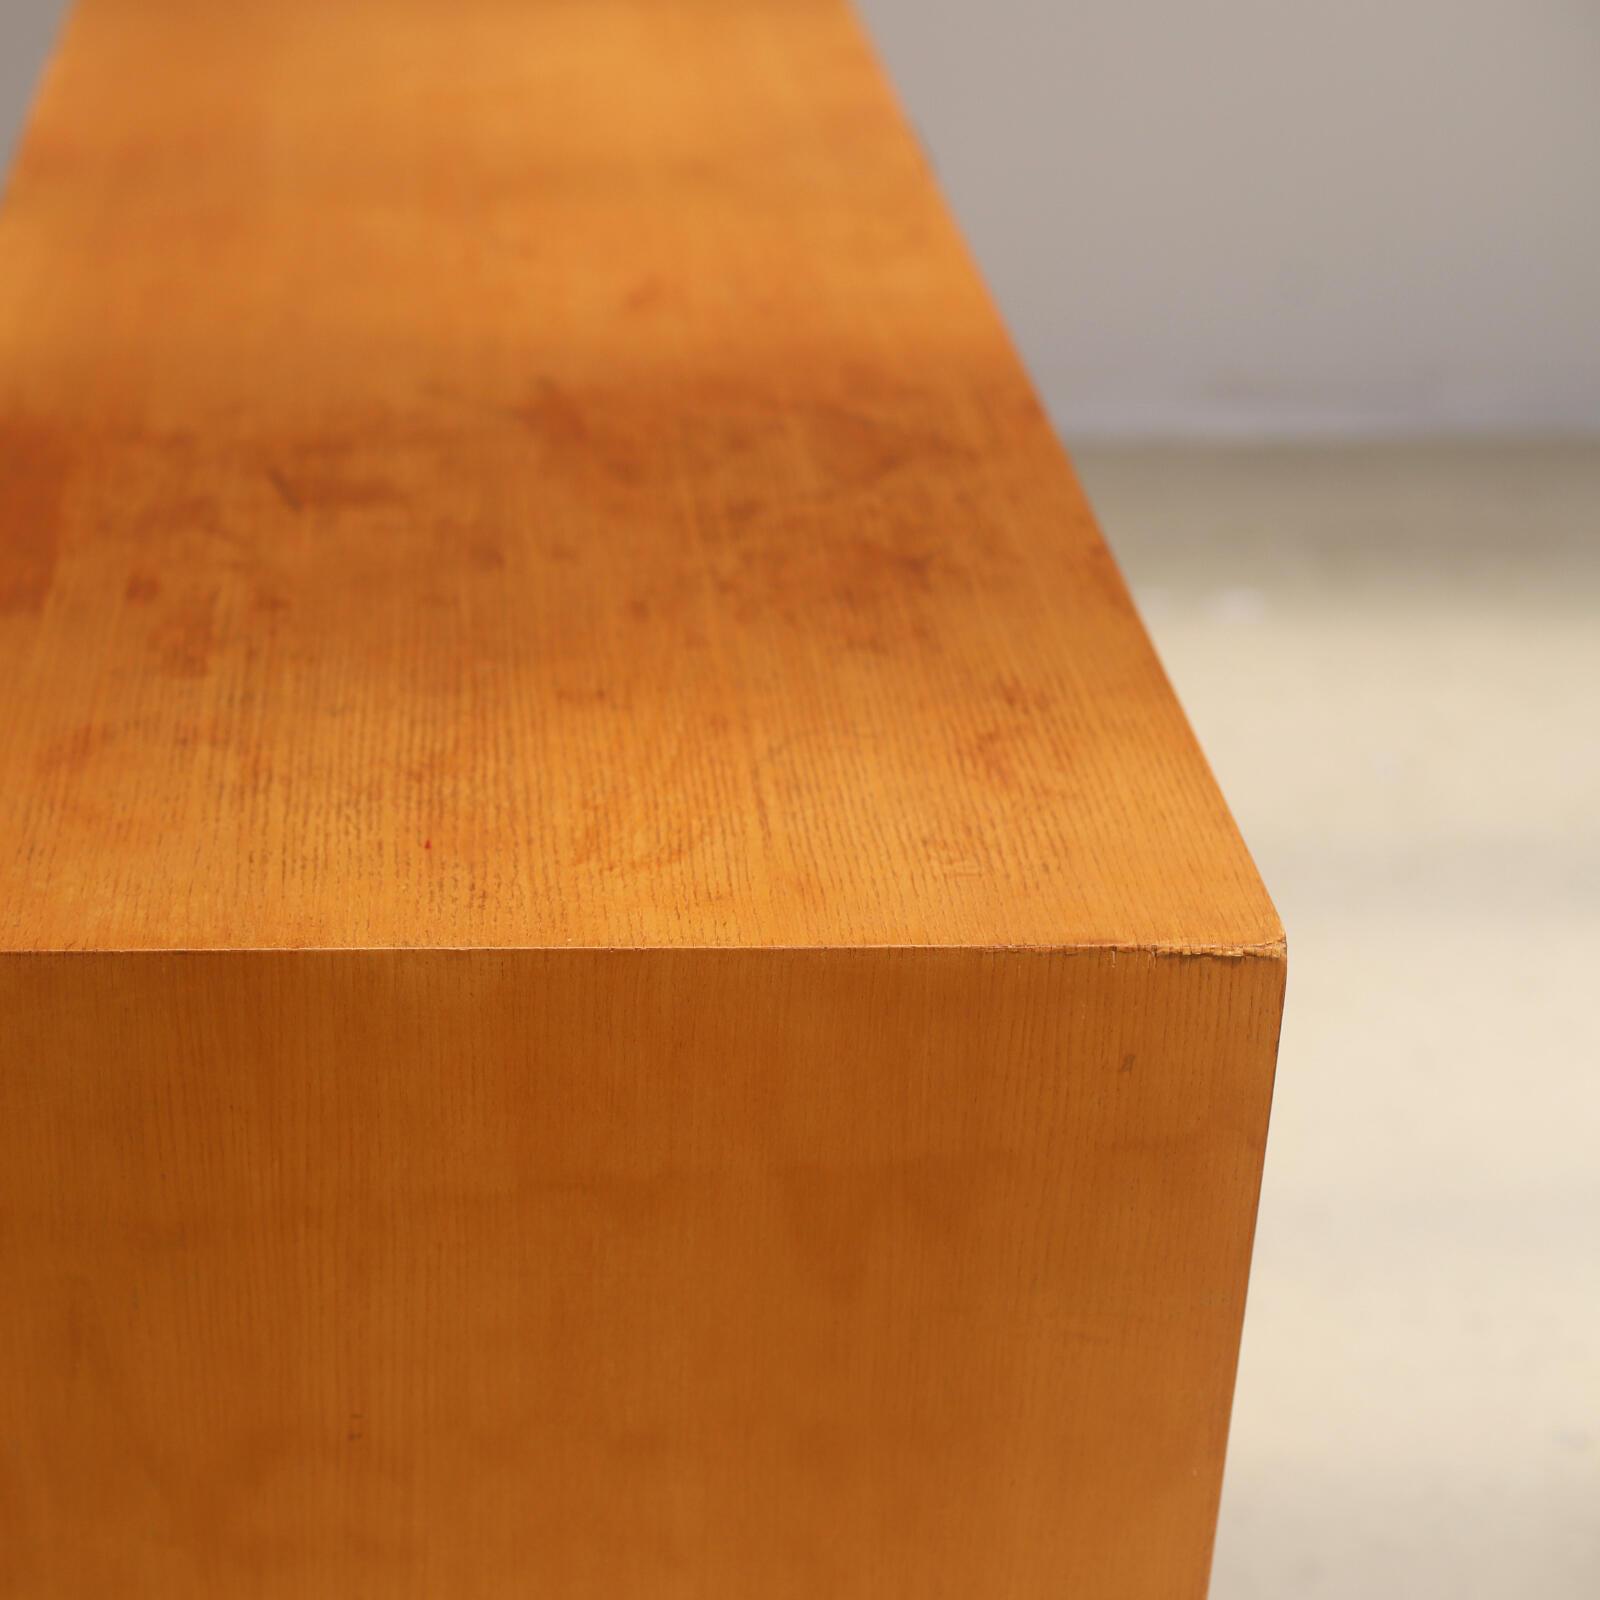 ペリアン サイドボード Cansado Perriand Sideboard